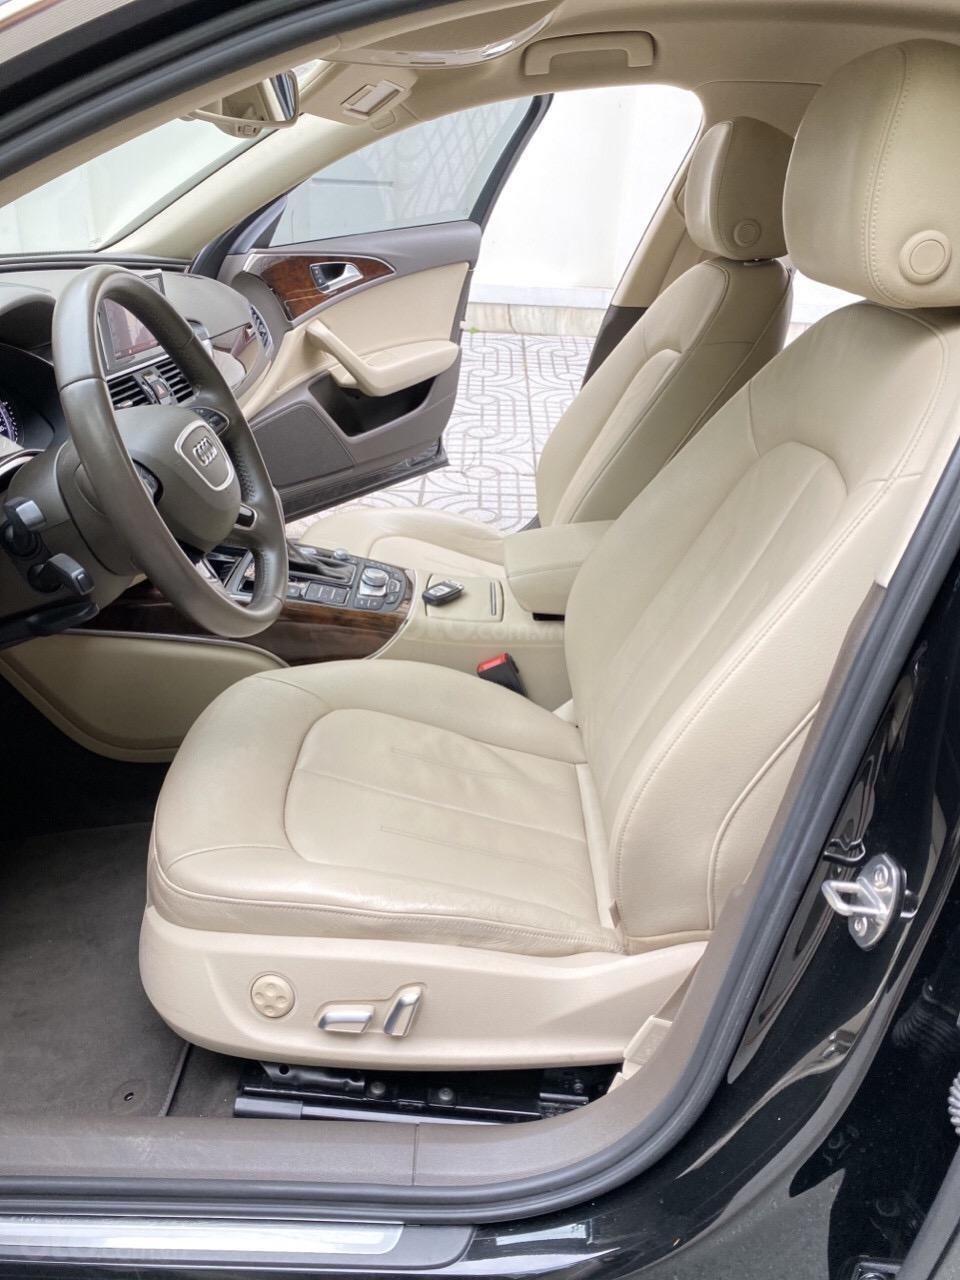 Bán Audi A6 2015 đăng ký 2017 màu đen nội thất kem  xe đẹp, không lỗi bao check tại hãng (5)